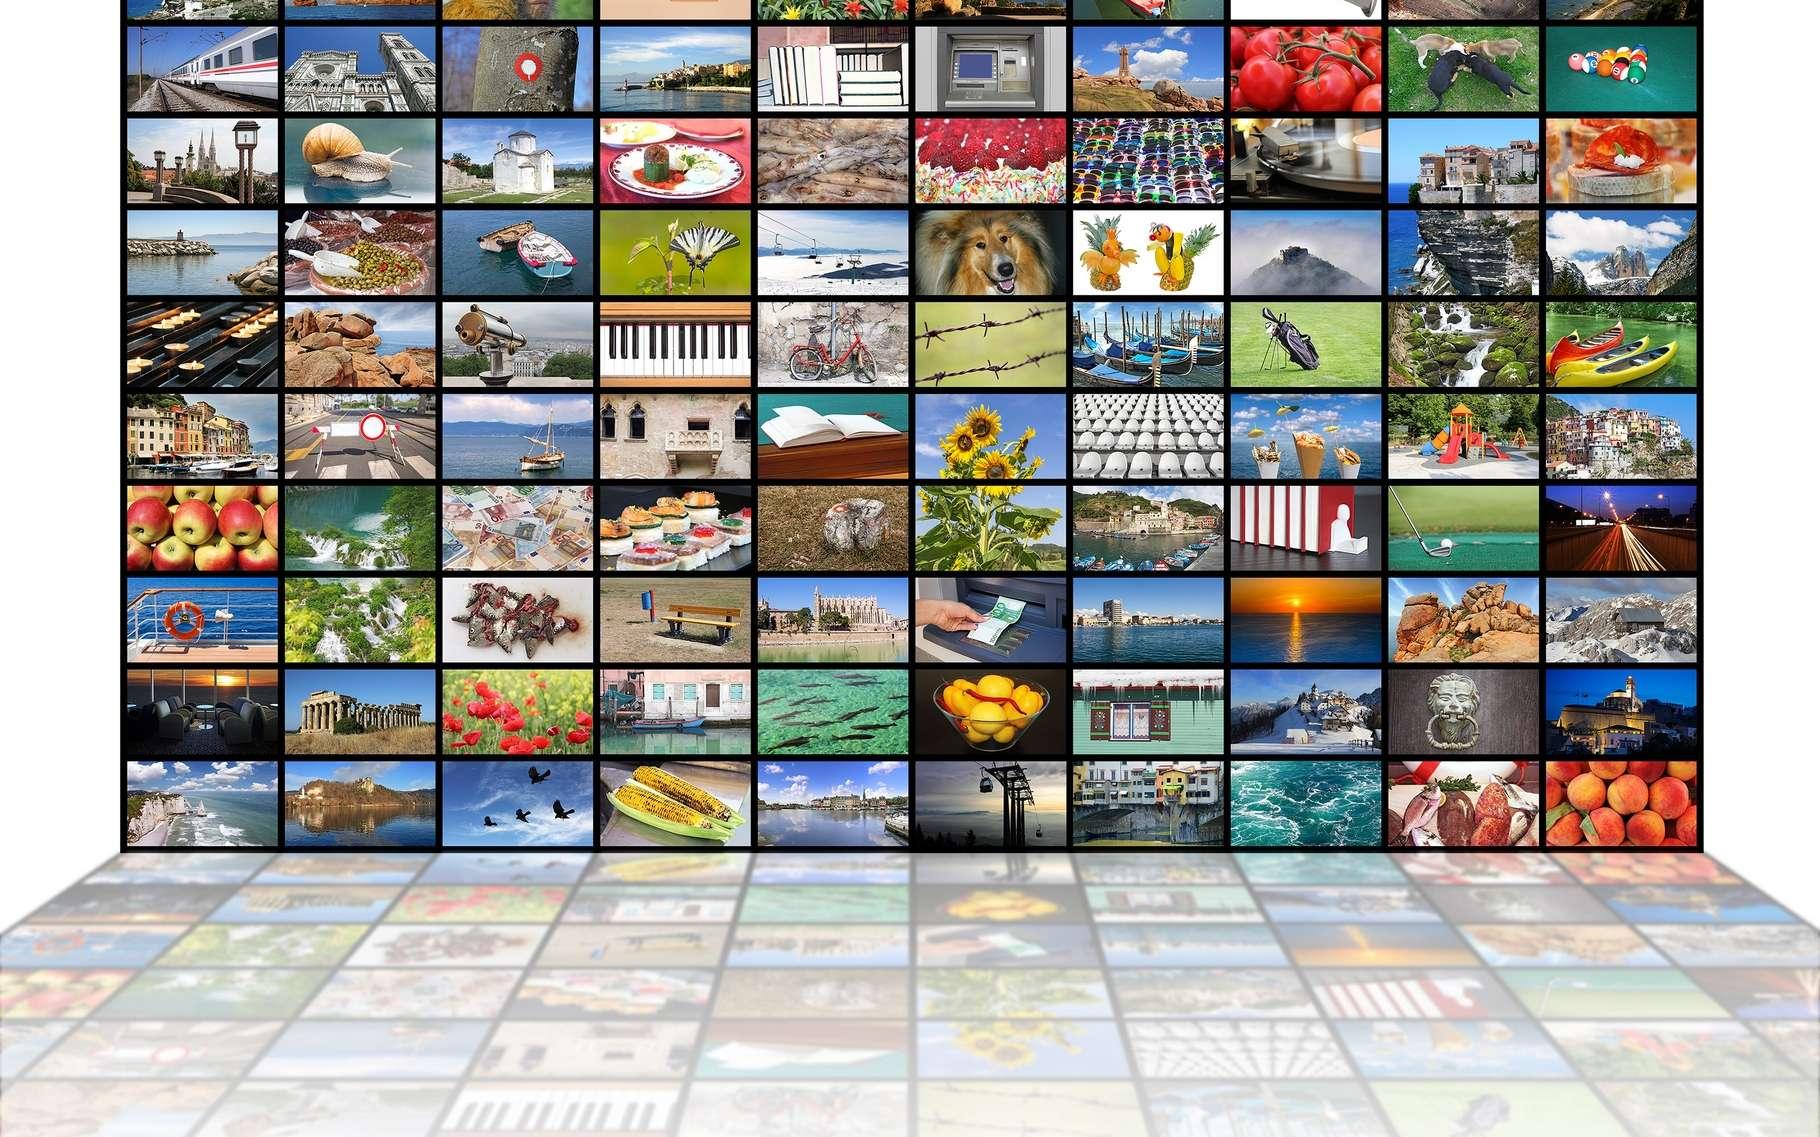 L'application Periscope permet de créer sa petite Web TV pour diffuser ses aventures en direct en s'adressant à ses amis ou bien au monde entier ! © Ivan Smuk, Shutterstock